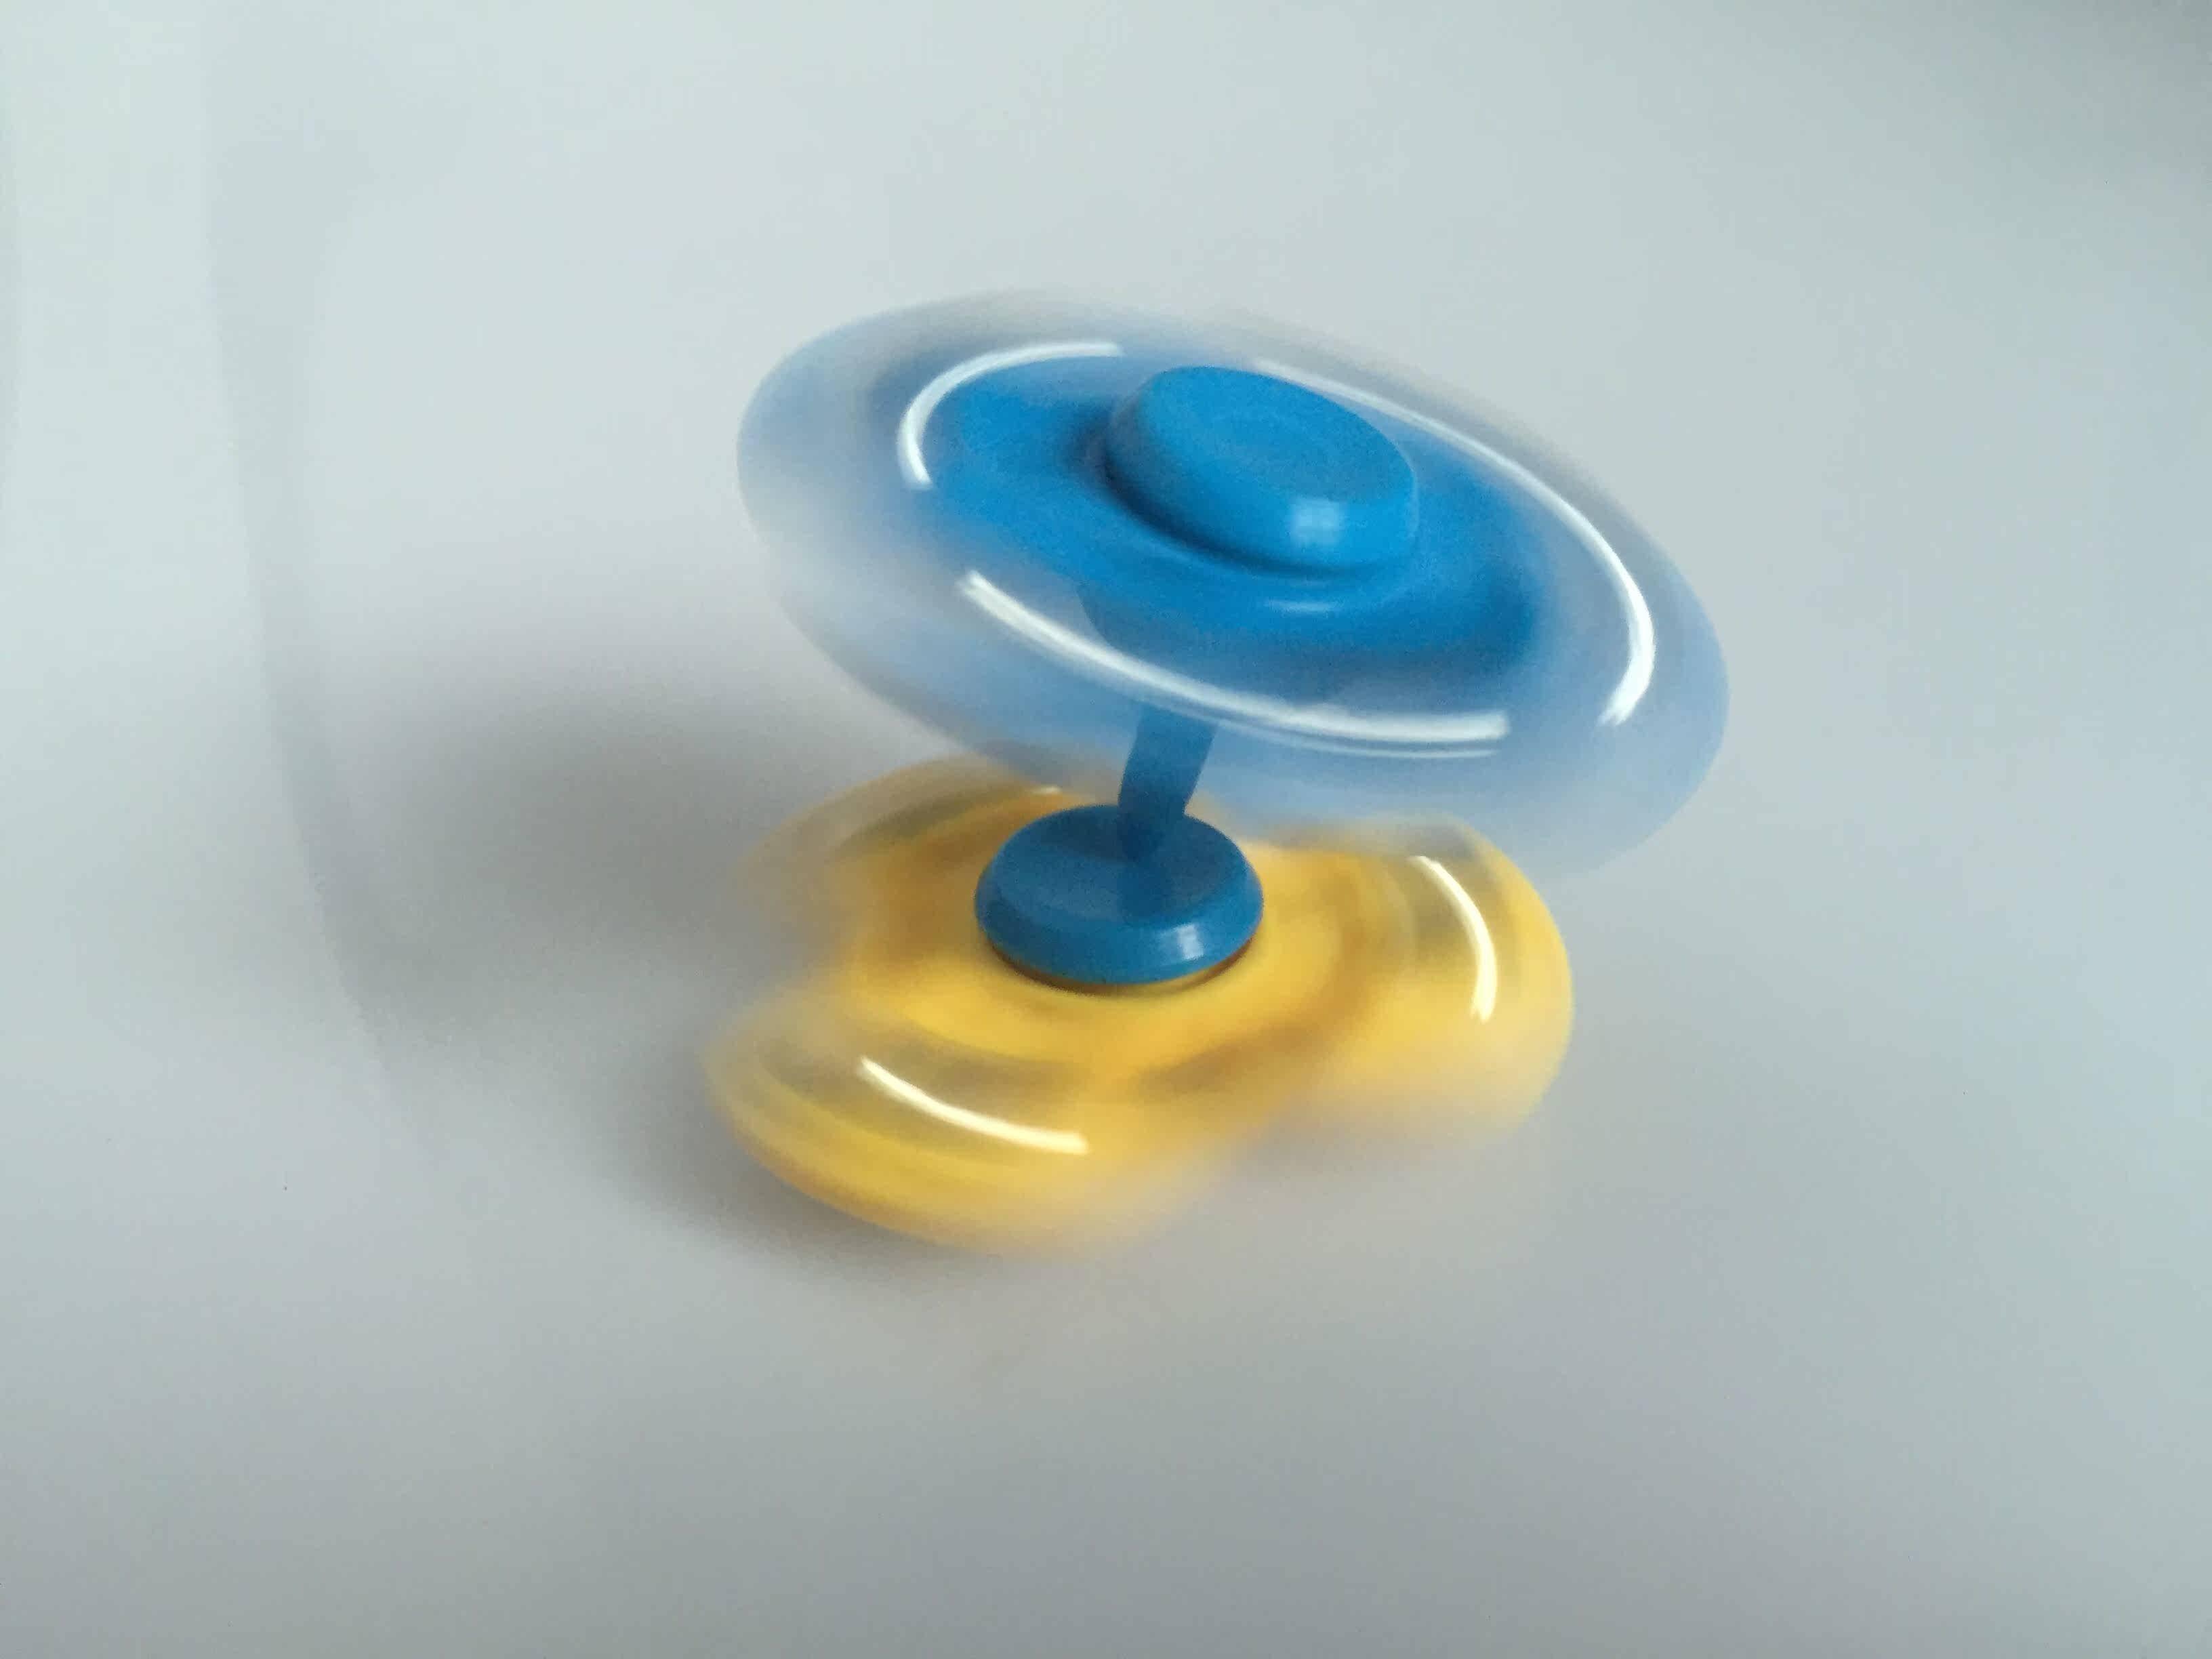 Finger spinner - Ref 2616329 Image 1